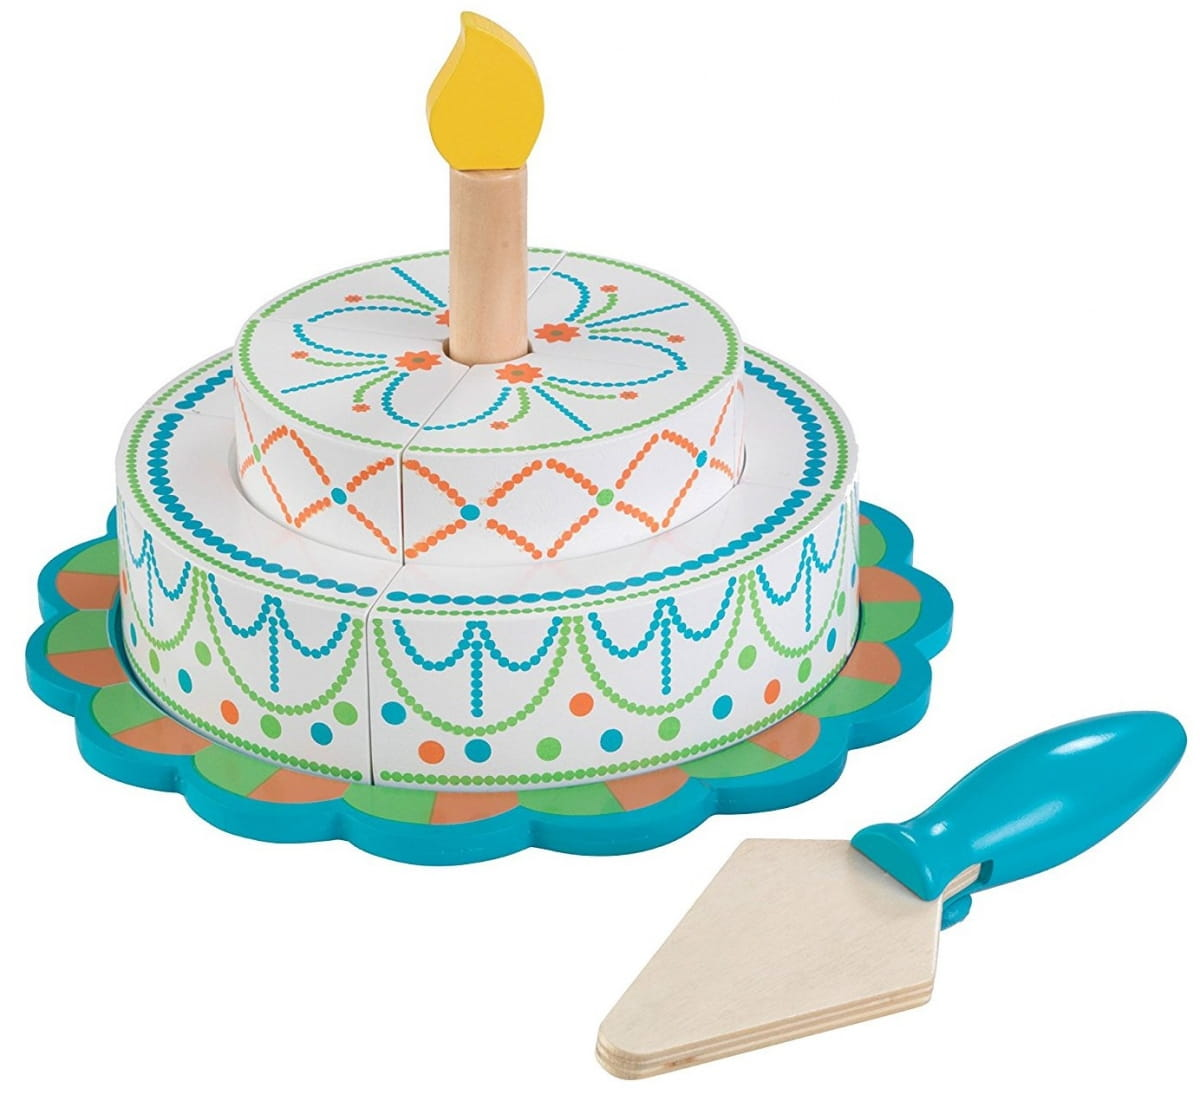 Игровой набор KidKraft 63383_KE Многоуровневый праздничный торт - яркий